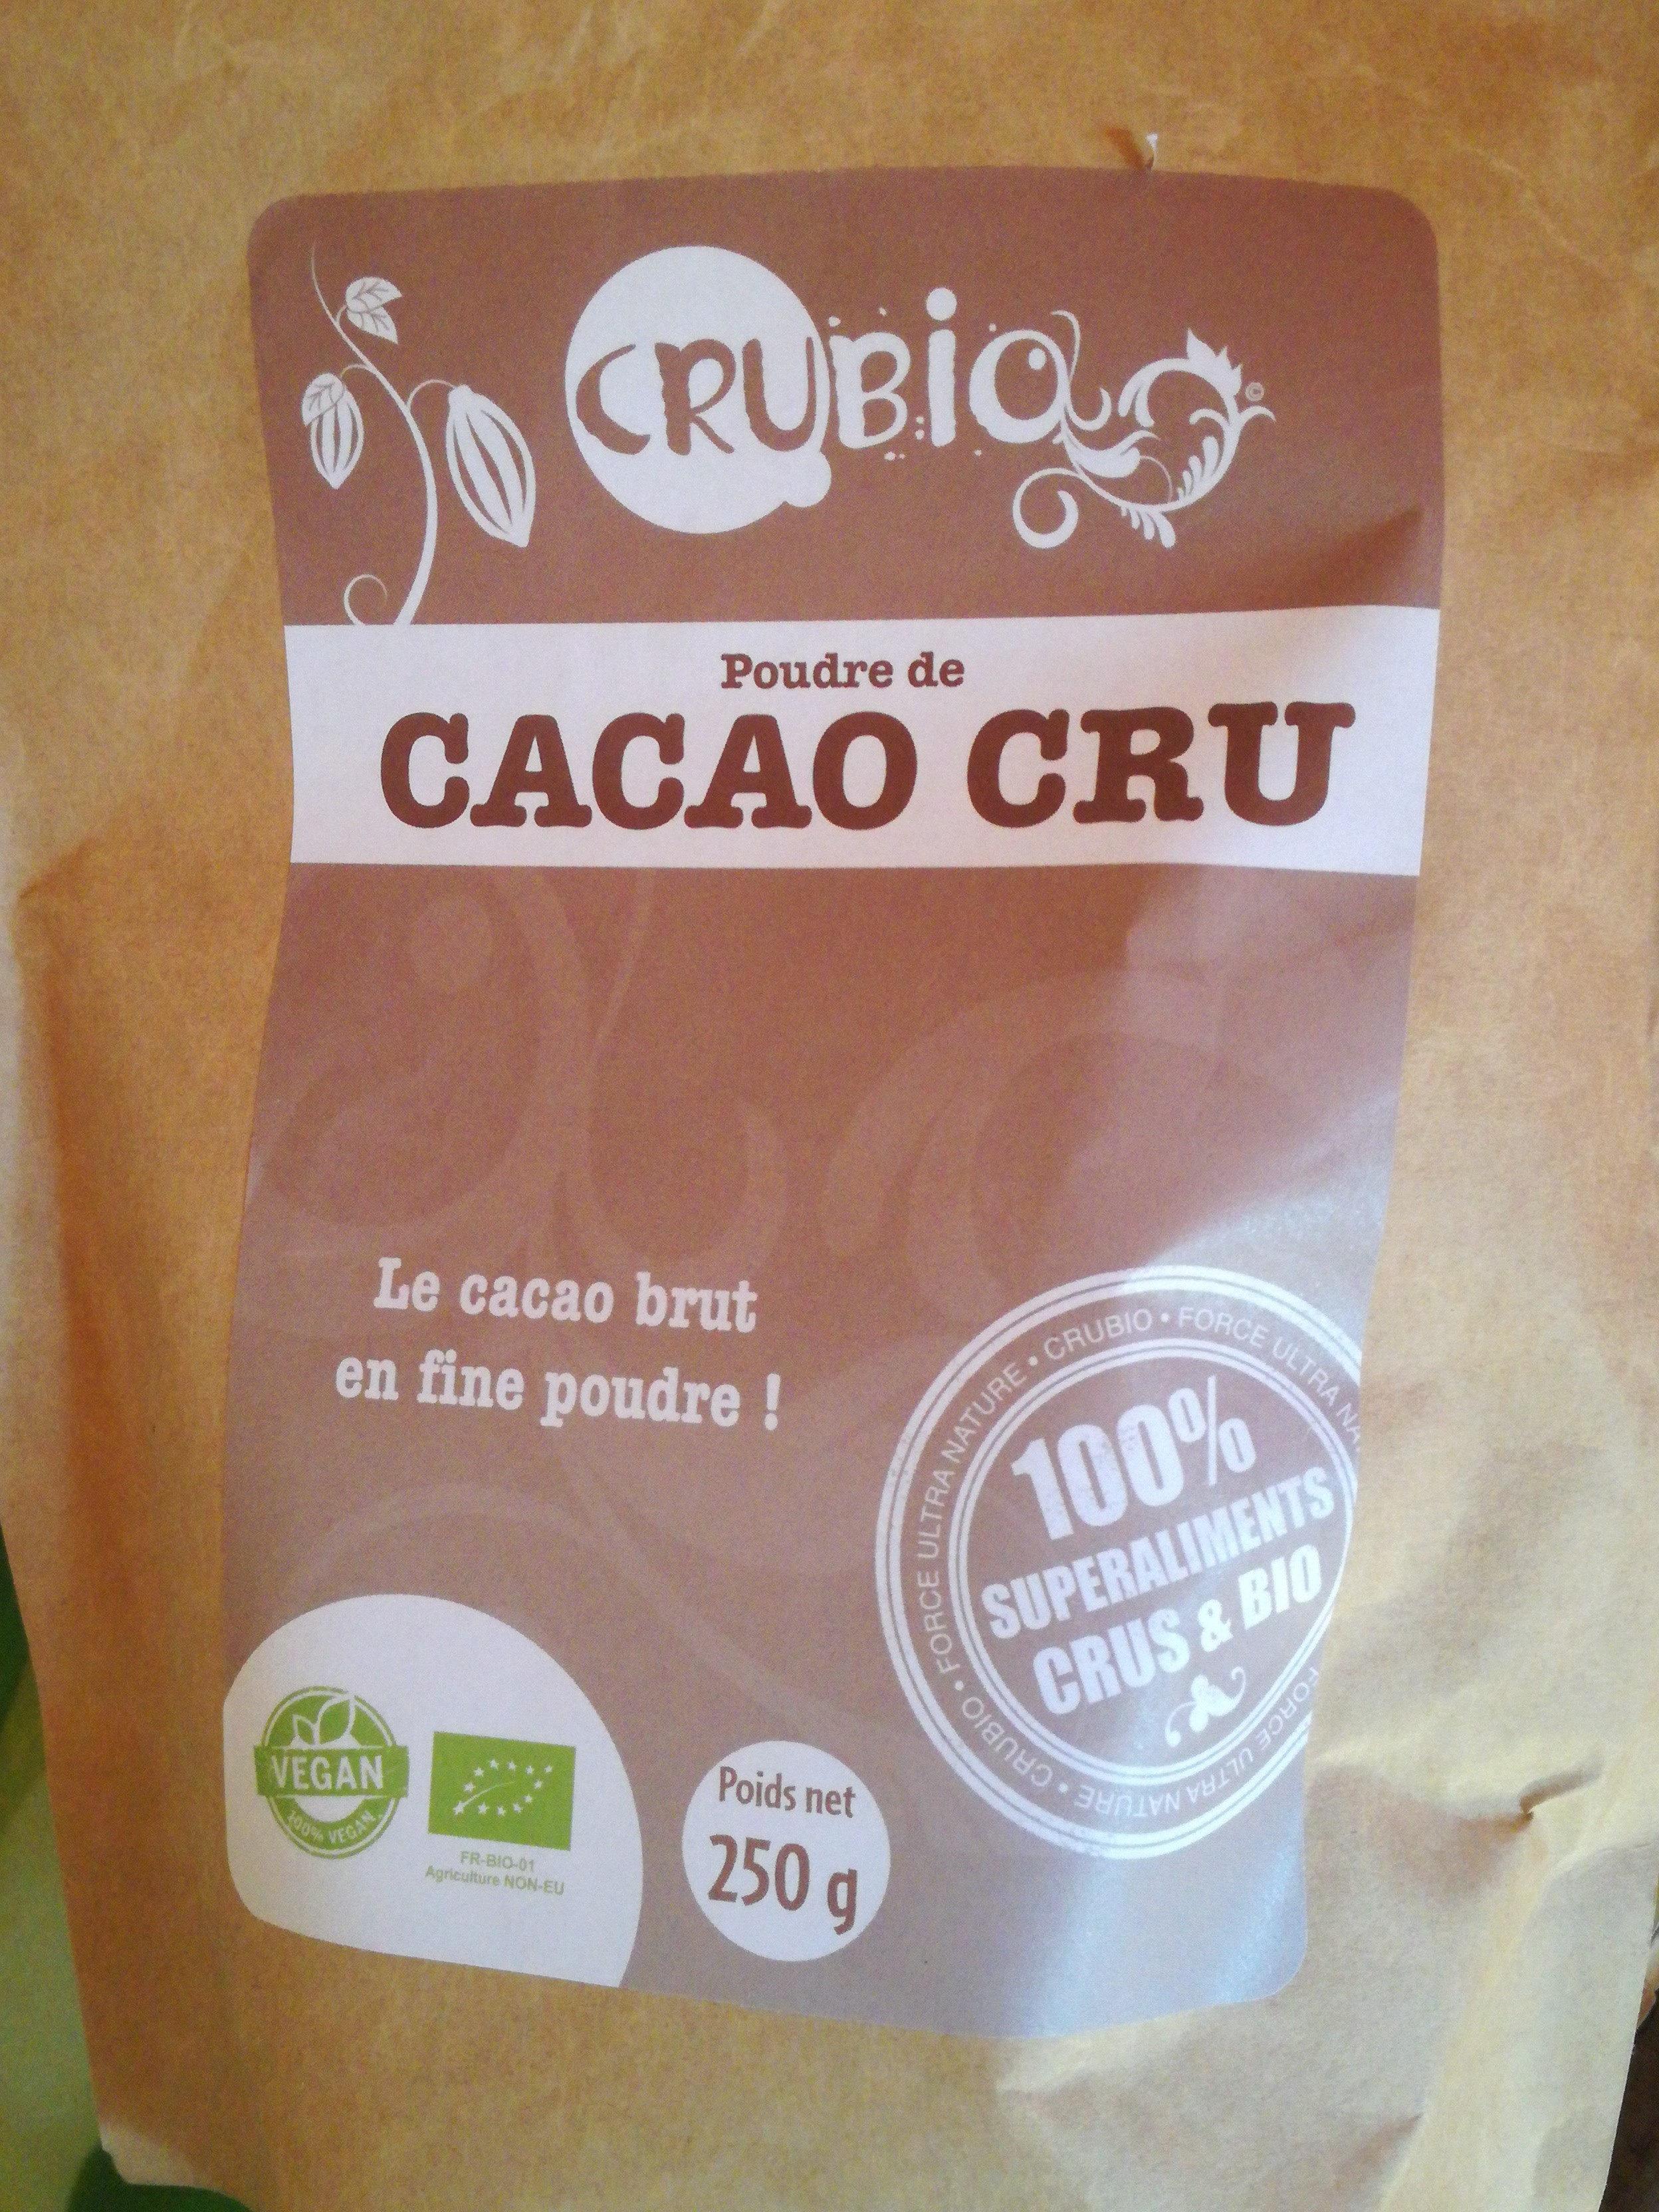 Crubio Cacao En Poudre Cru Et Biologique - Product